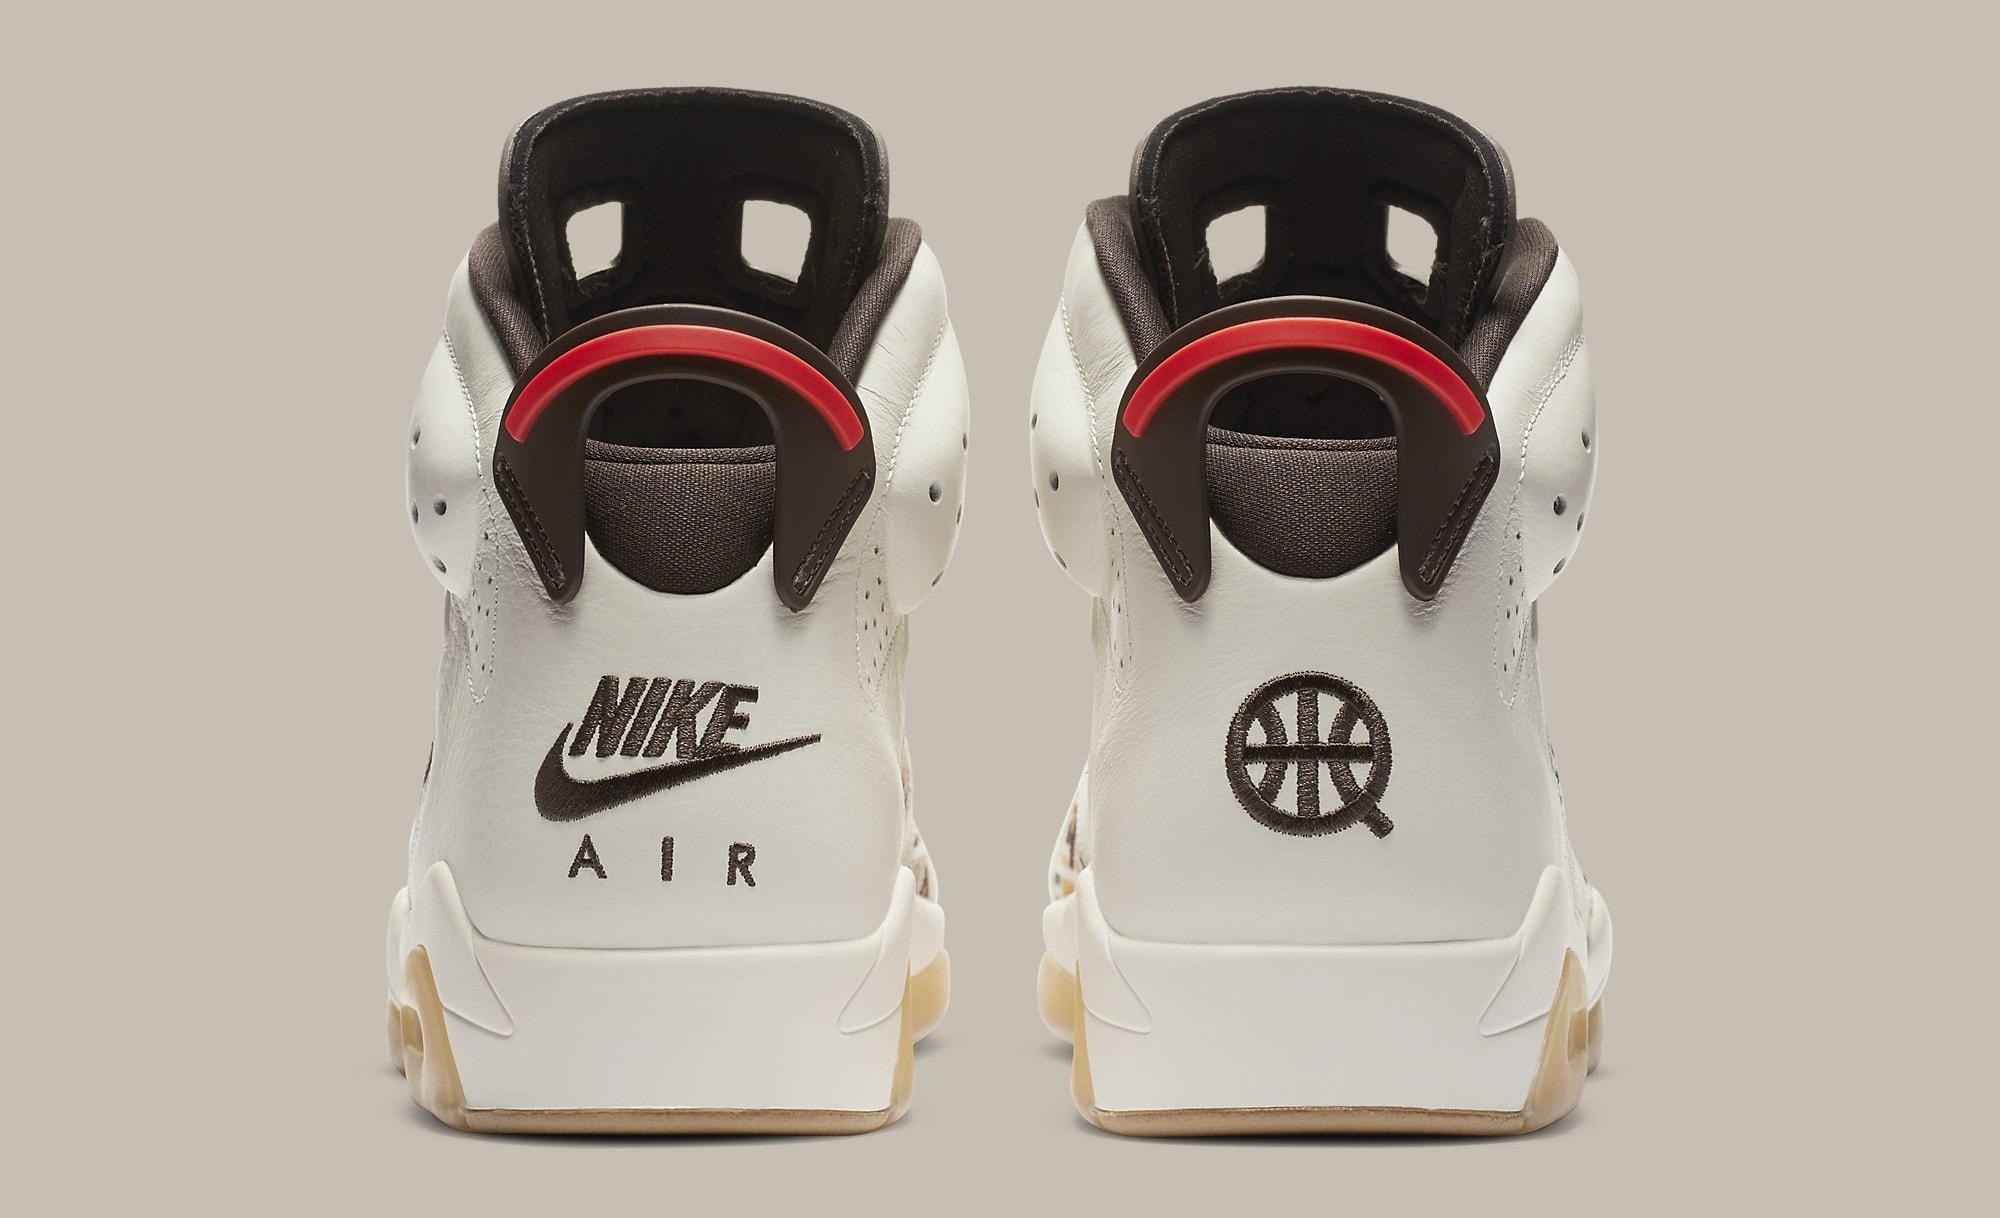 Air Jordan 6 Retro 'Quai 54' CZ4152-100 Heel